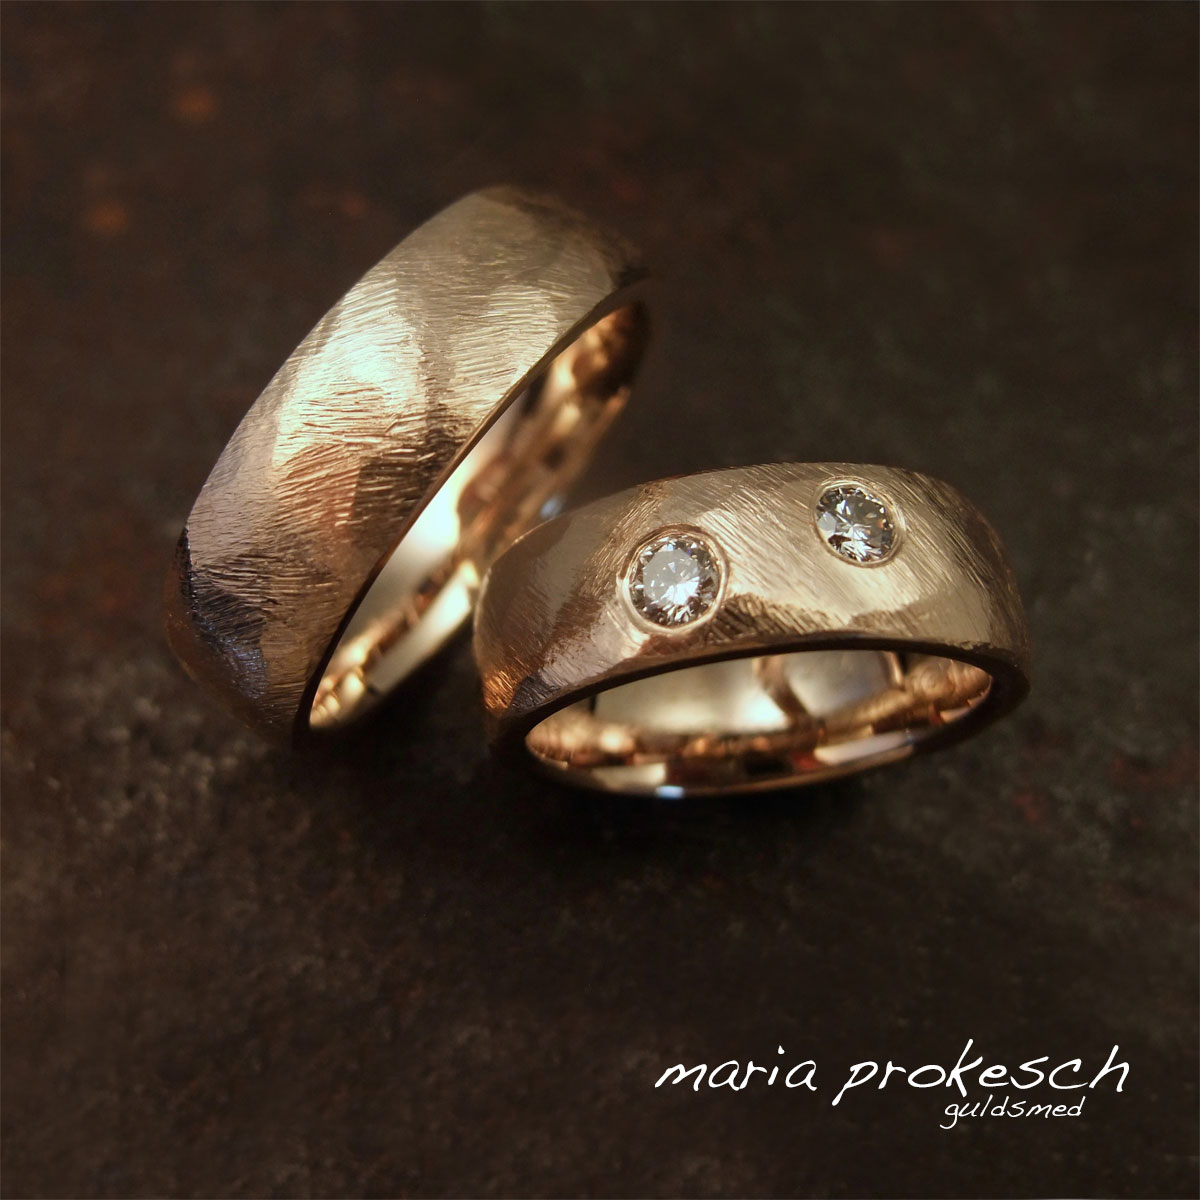 Rustikke vielsesringe i guld med groft filet overflade og to diamanter. Kan også bruges som forlovelsesringe. Råt design og håndlavet stil